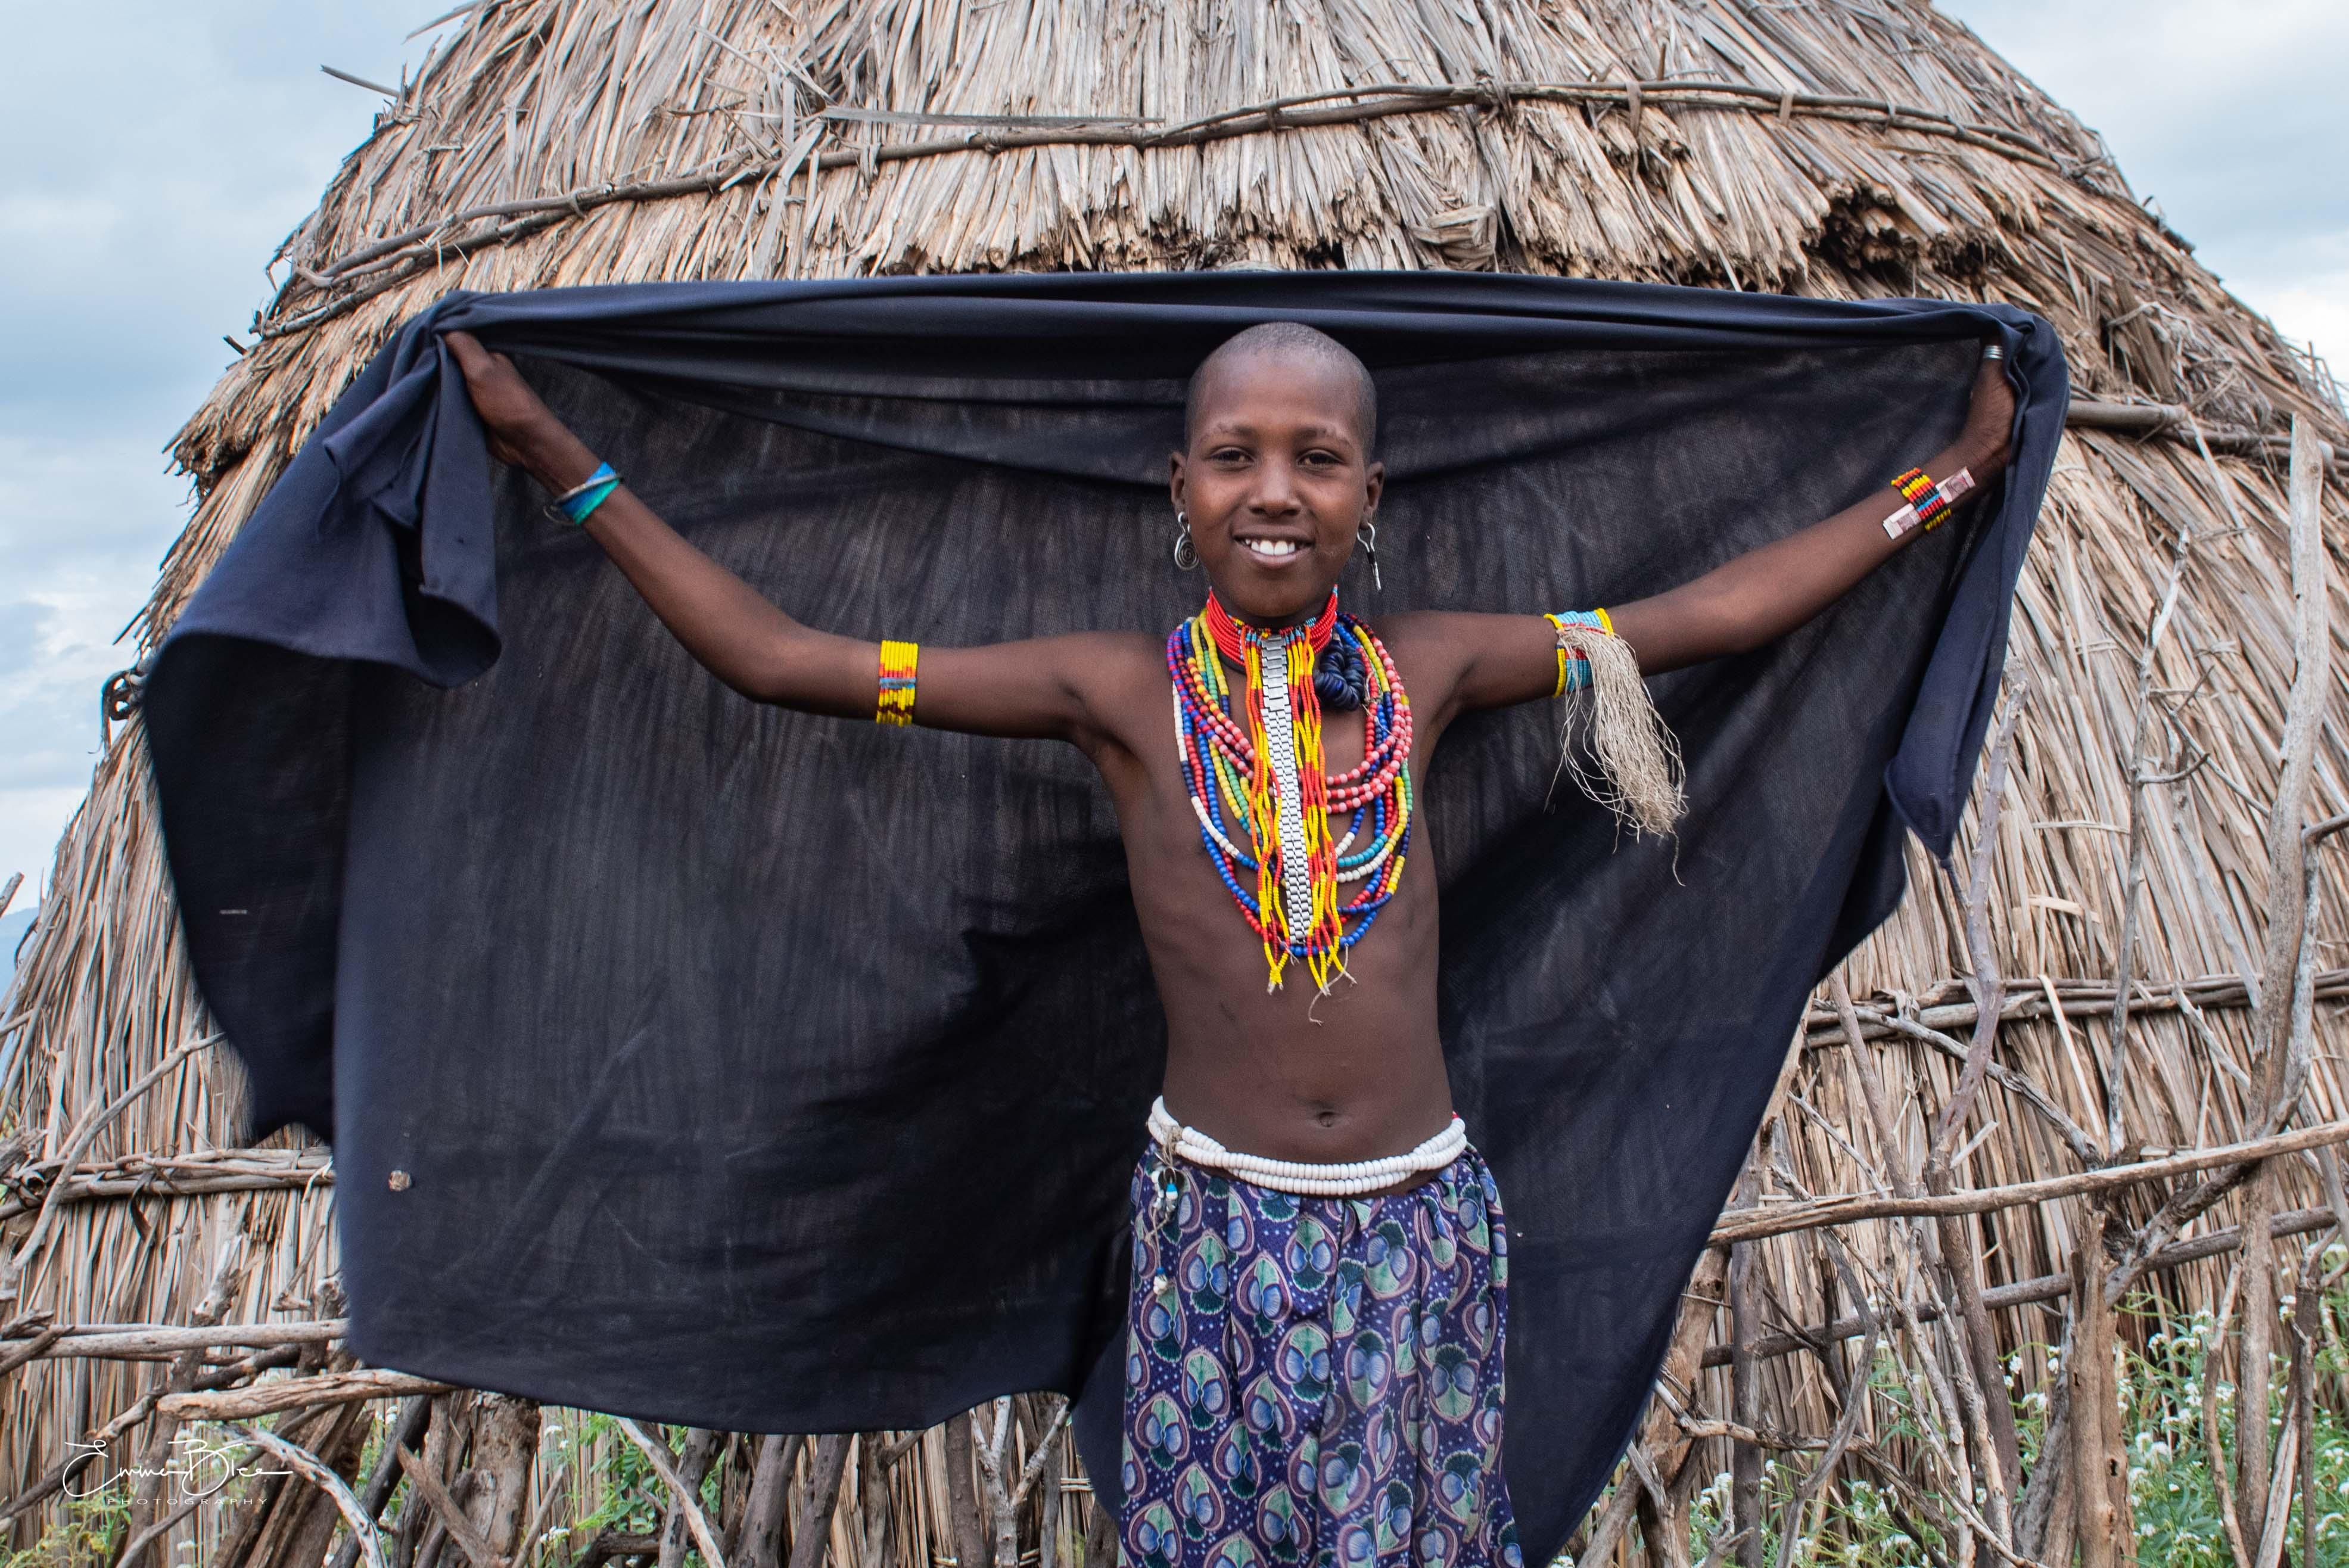 EB_20_01_11_Ethiopia_1657